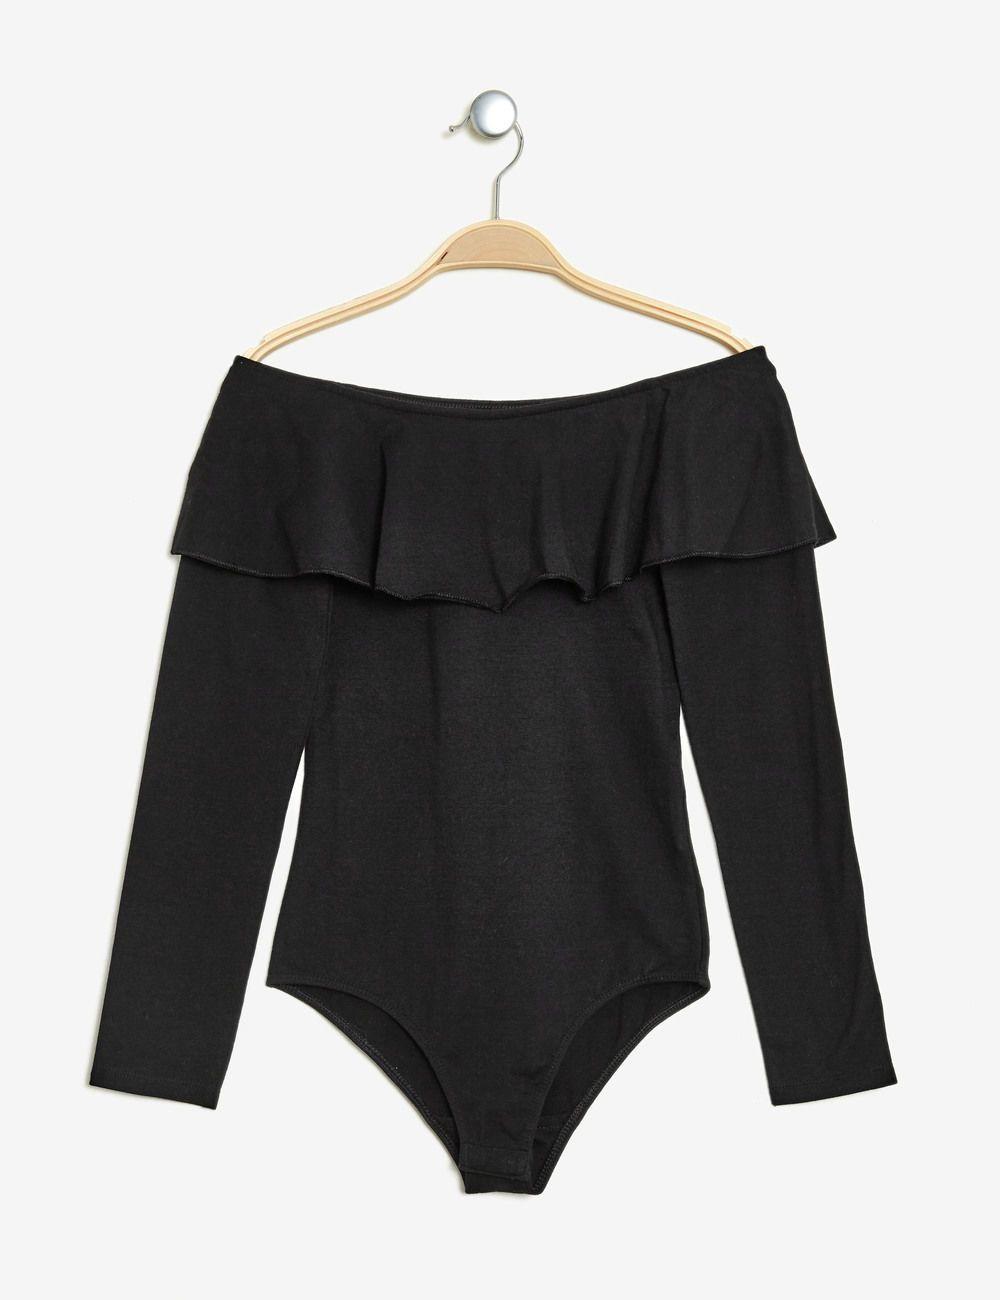 Connu Body avec volant noir femme • Jennyfer | Mode femme | Pinterest  RY96